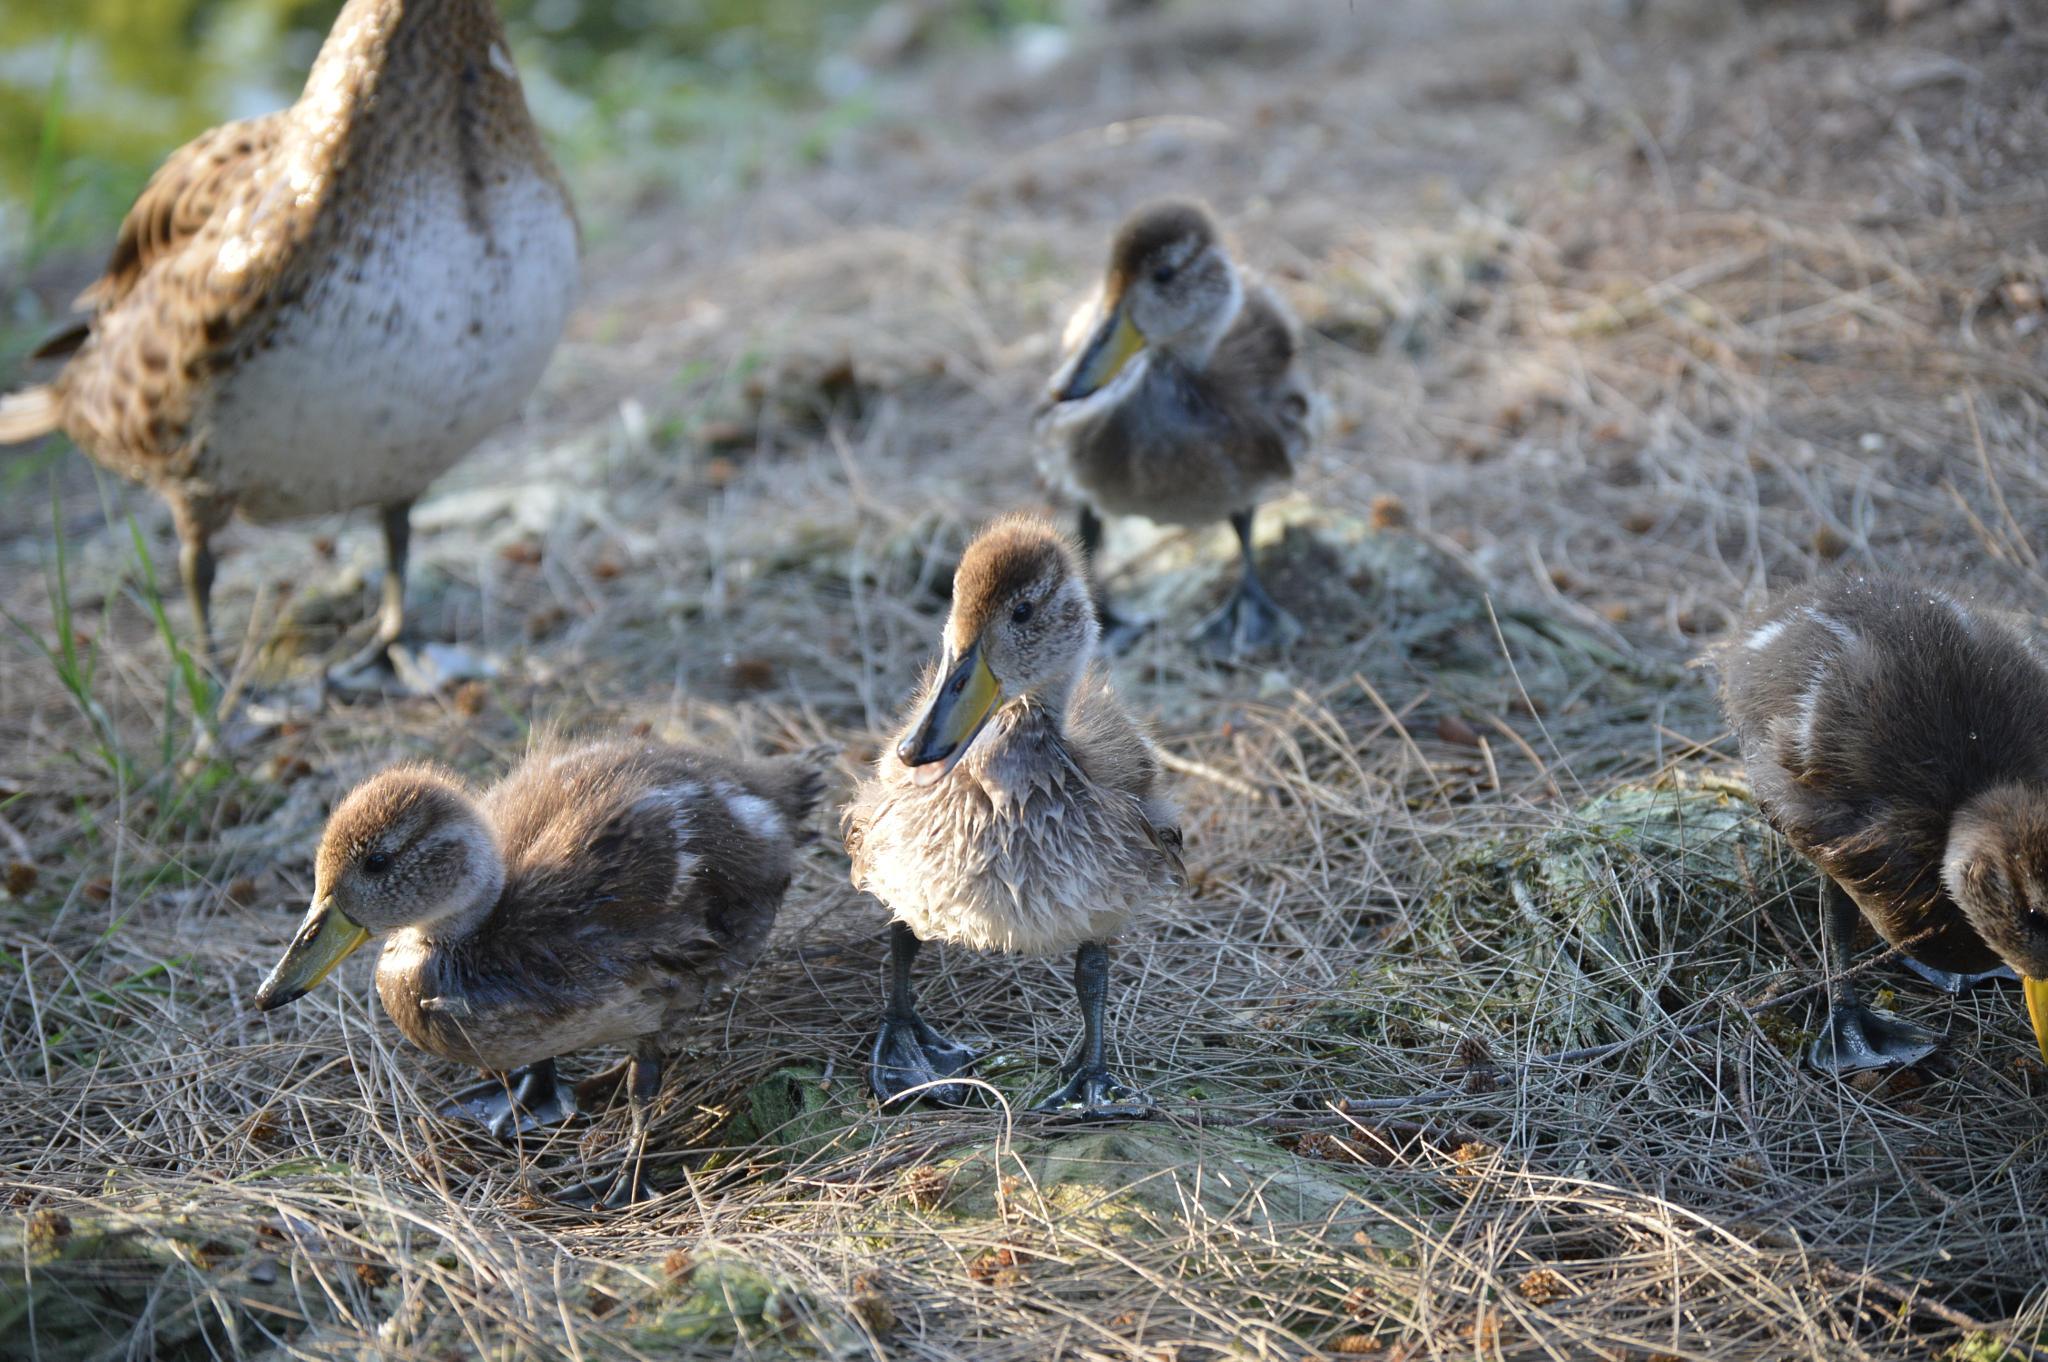 Duck, duck, goose by Eduardo Vega H